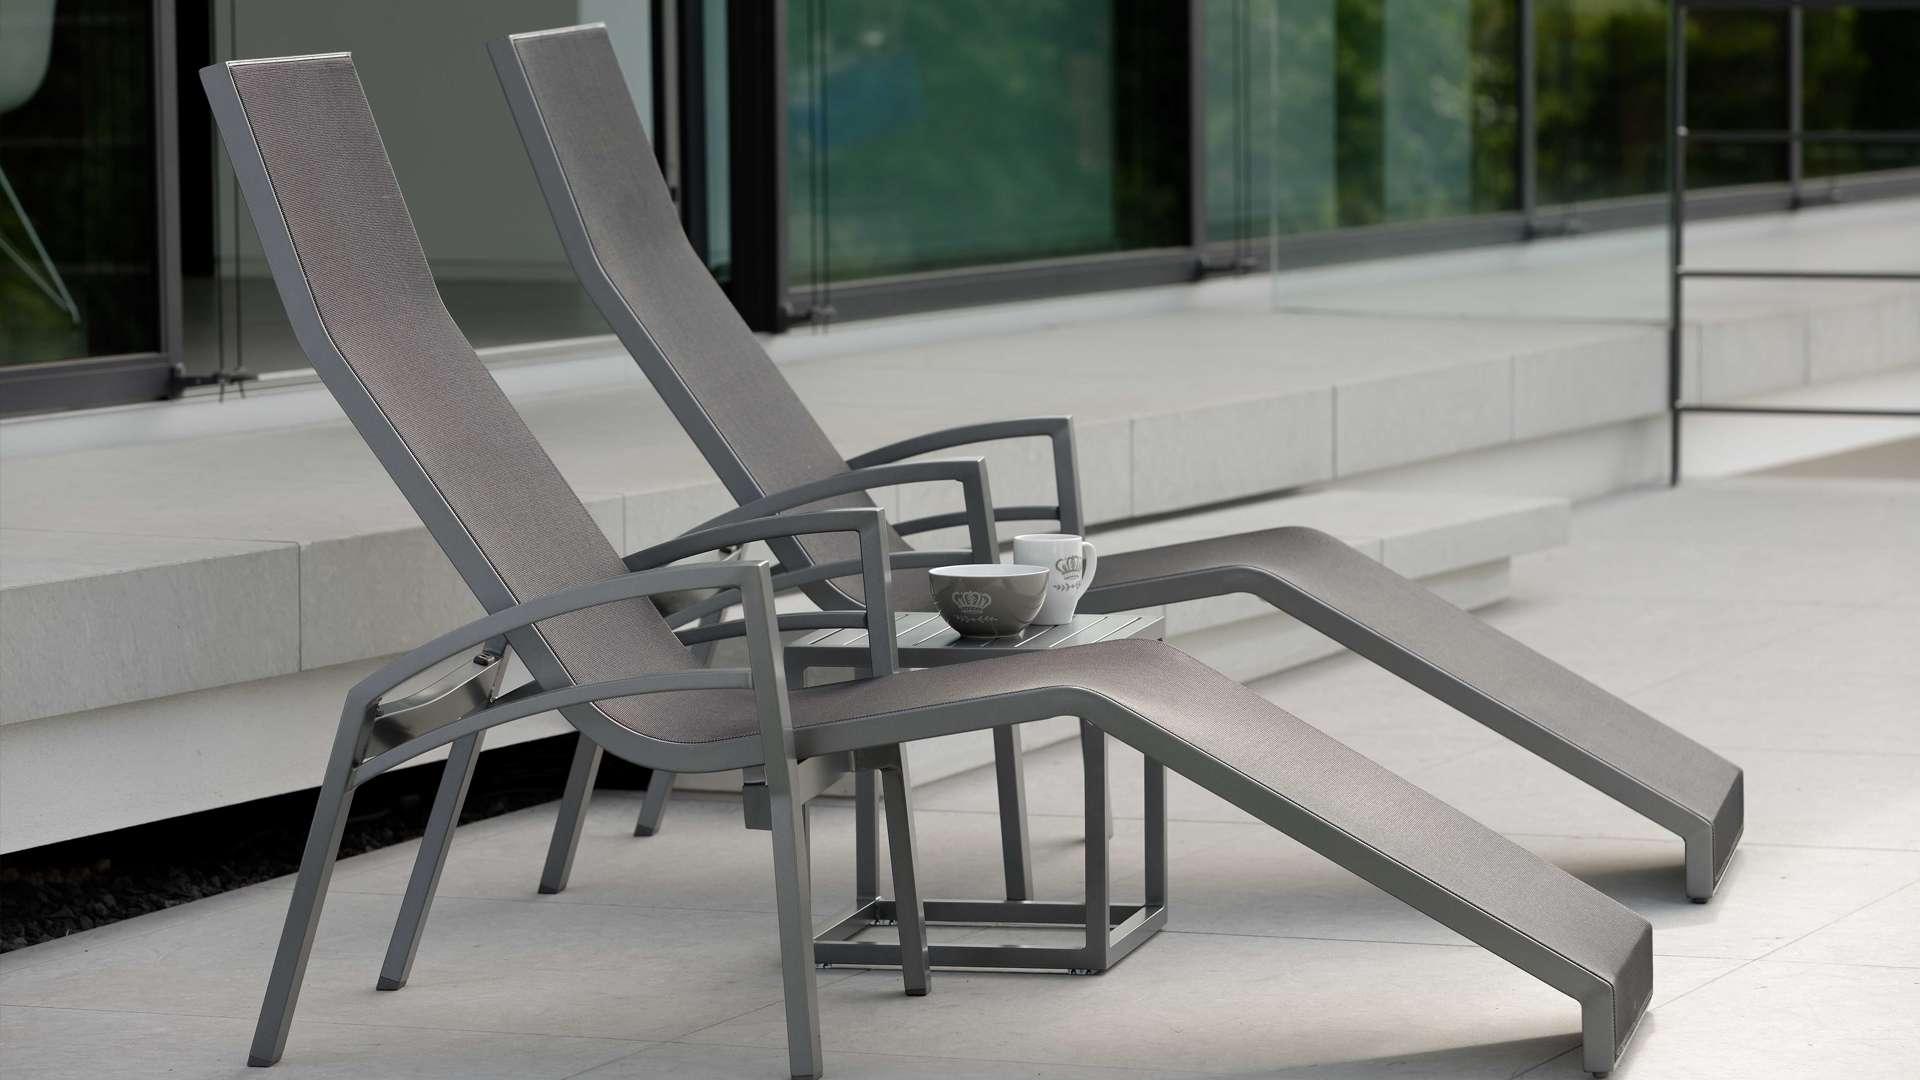 zwei Liegestühle auf einer Terrasse